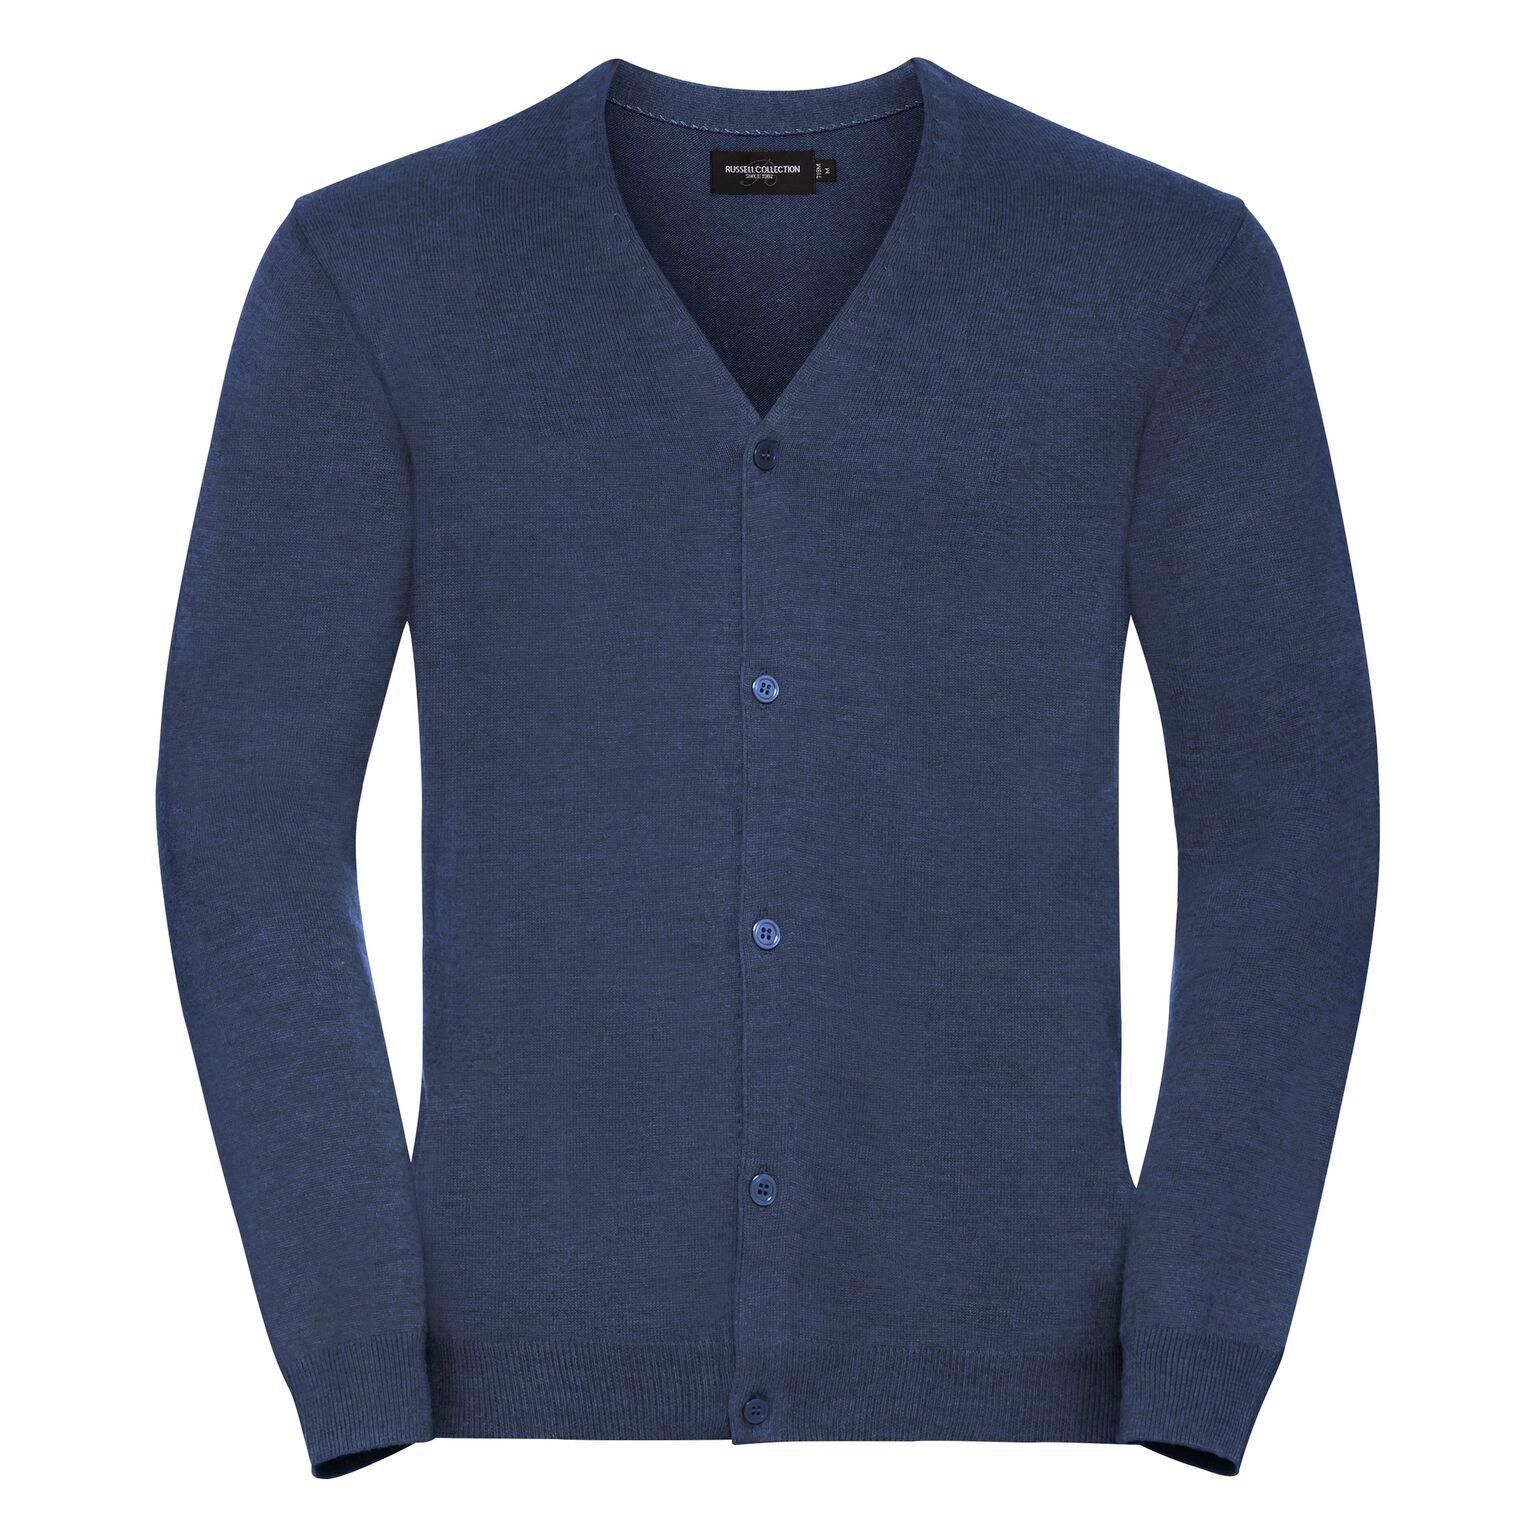 Russell - Gilet Col V - Homme (Bleu denim) - UTPC3137